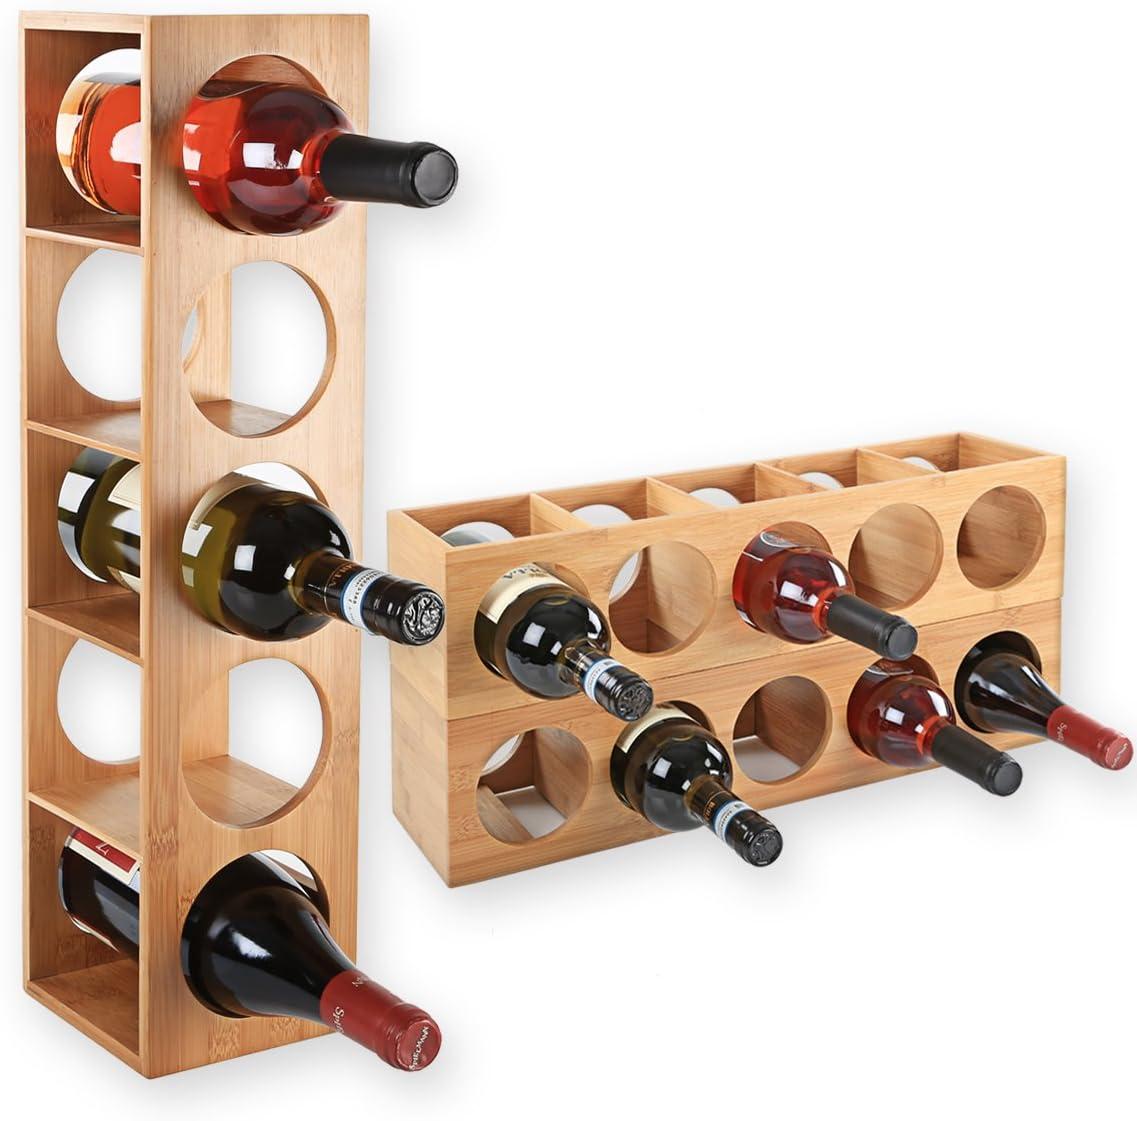 Dimensioni 13,5x12x53 cm impilabile in legno di bamb/ù per 5 bottiglie di vino per posizionare collocazione o per montaggio a parete Gr/äfenstayn/® 30543 cremagliera del vino CUBE ampliabile